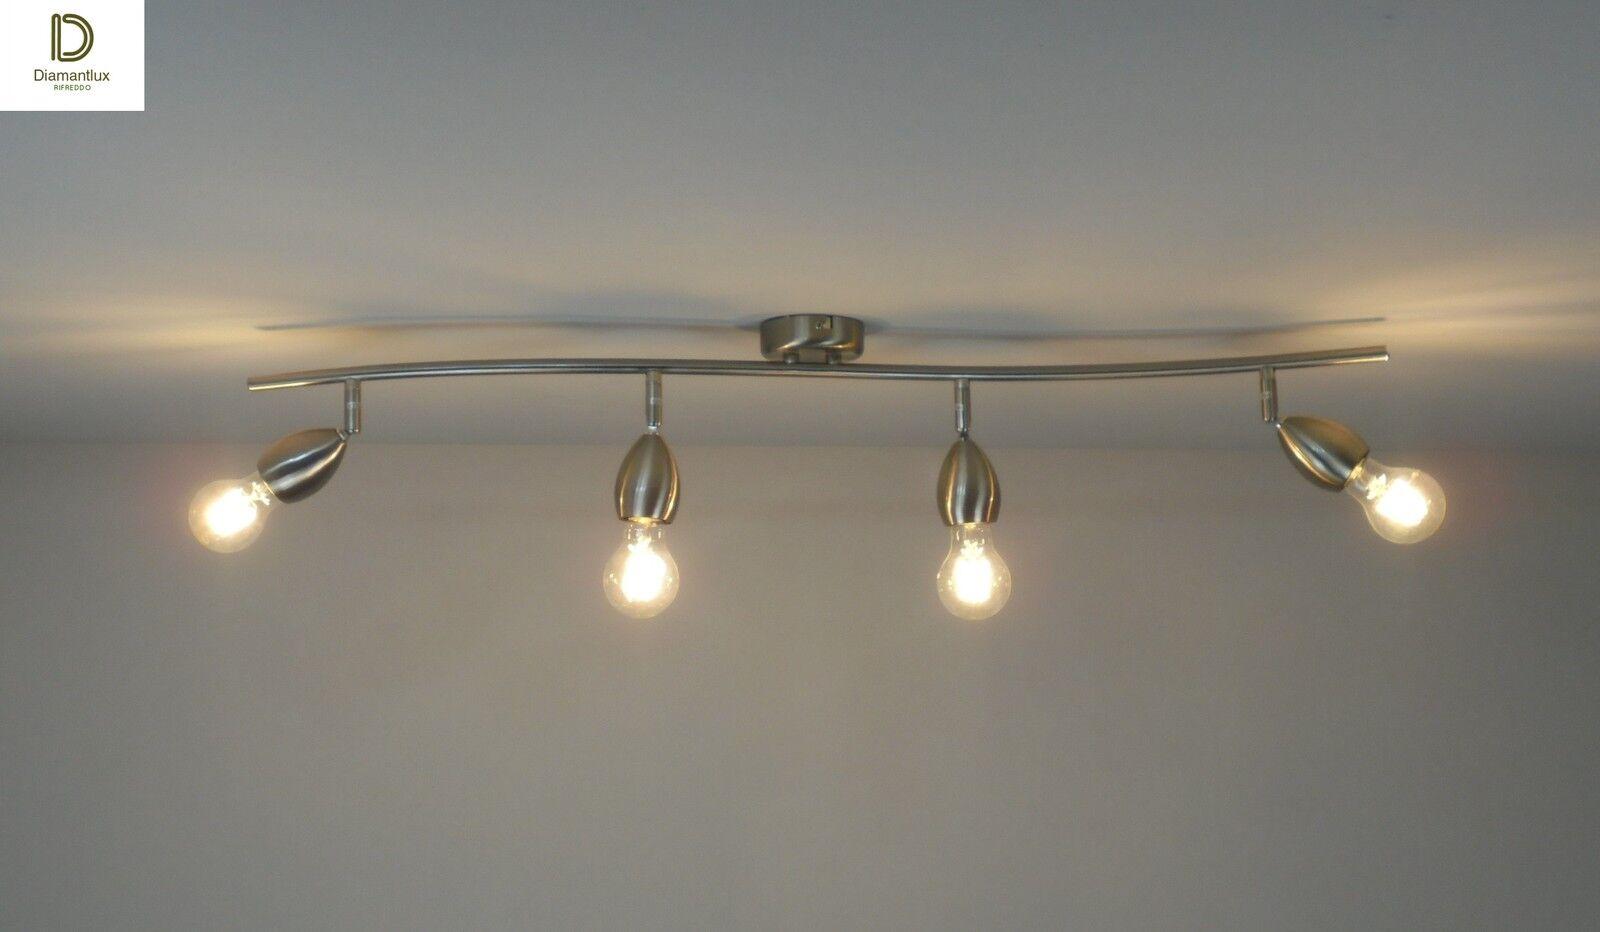 Plafoniere Bagno Moderno : Lampadario plafoniera design moderno cromo camera da letto salotto